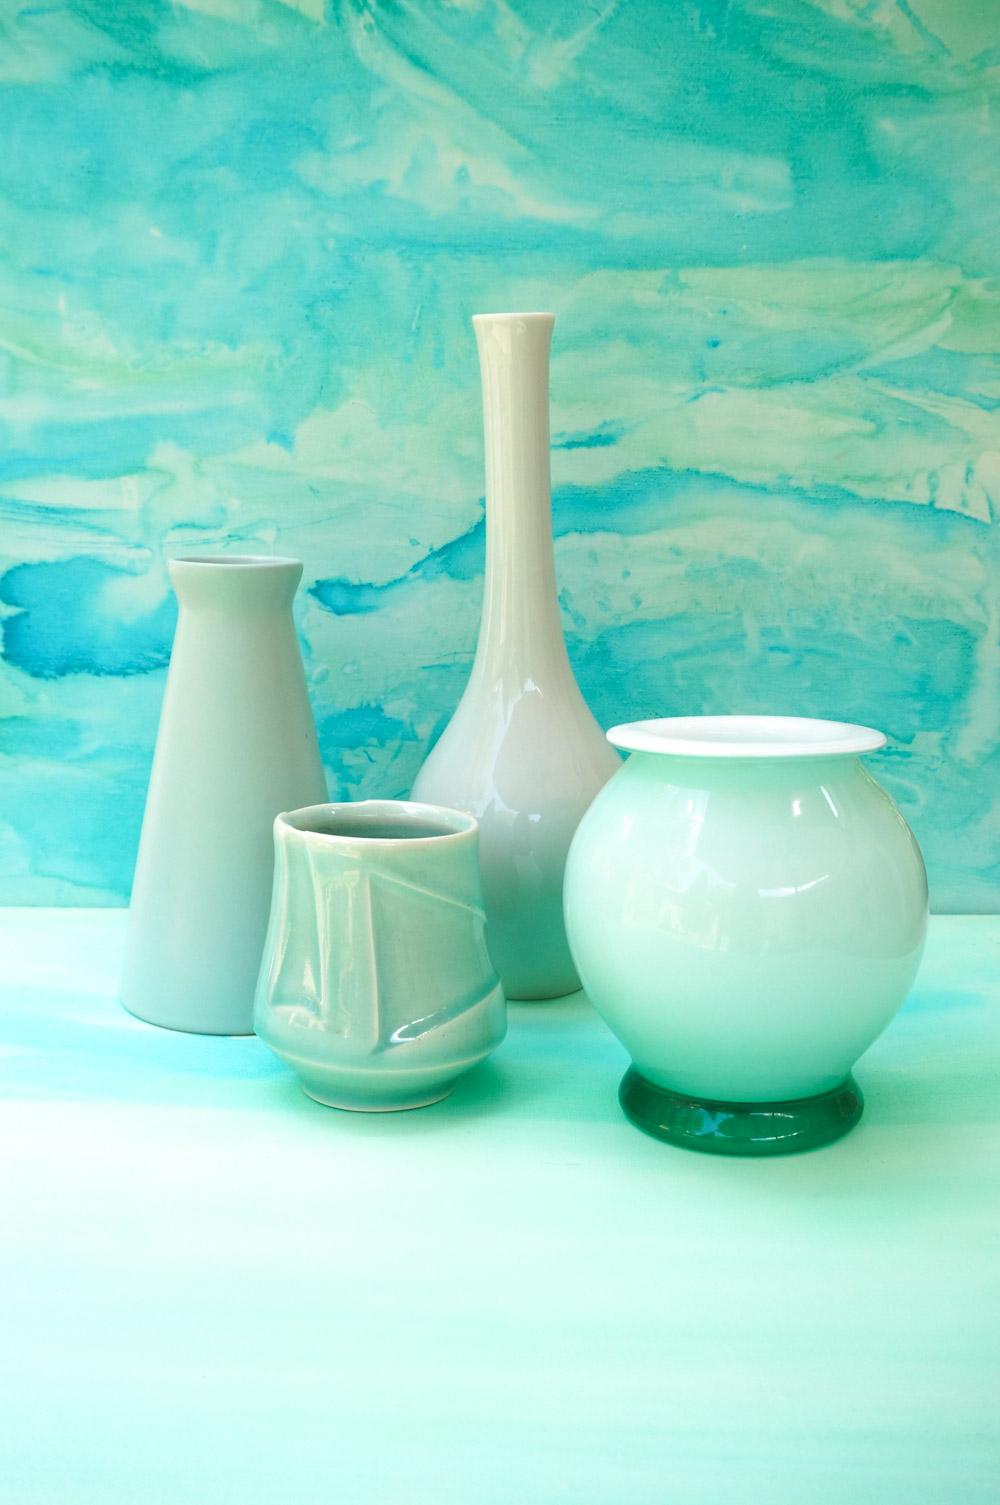 Vases-in-shades-of-aqua